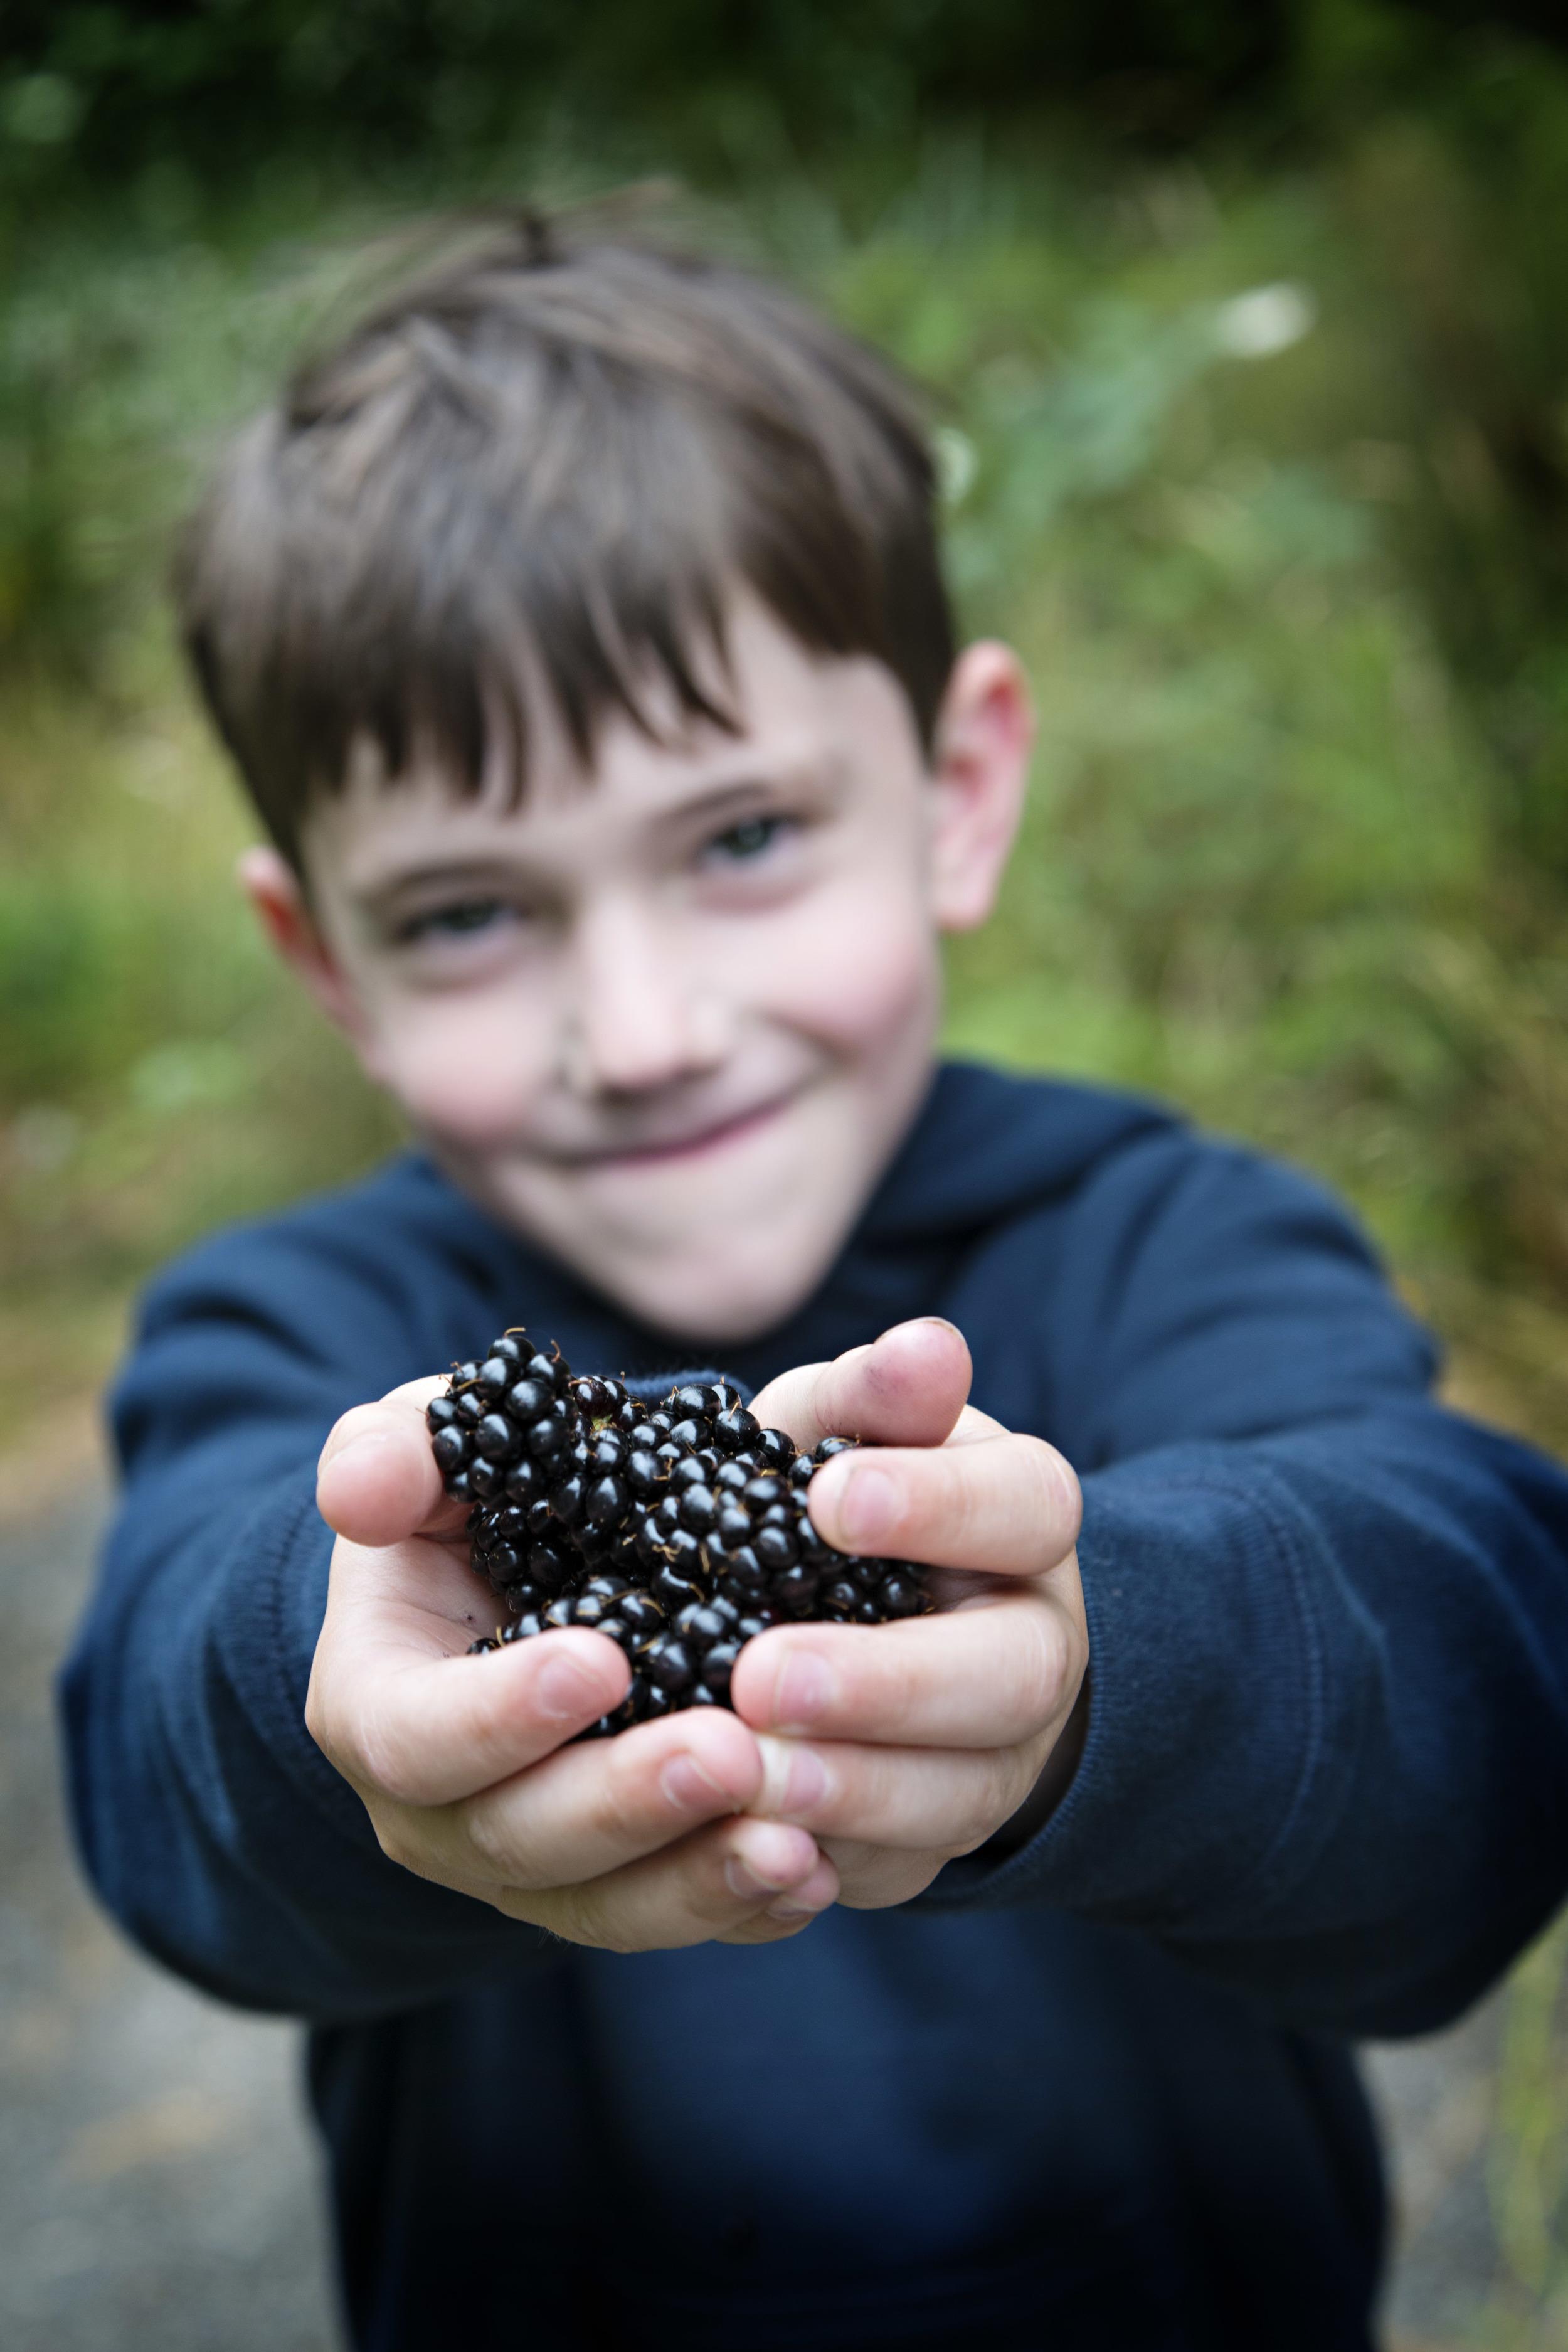 Picking wild blackberries. Nikon D800, Nikkor 24-120mm lens @ 58mm, ISO 250, 1/160 sec, f5.6.